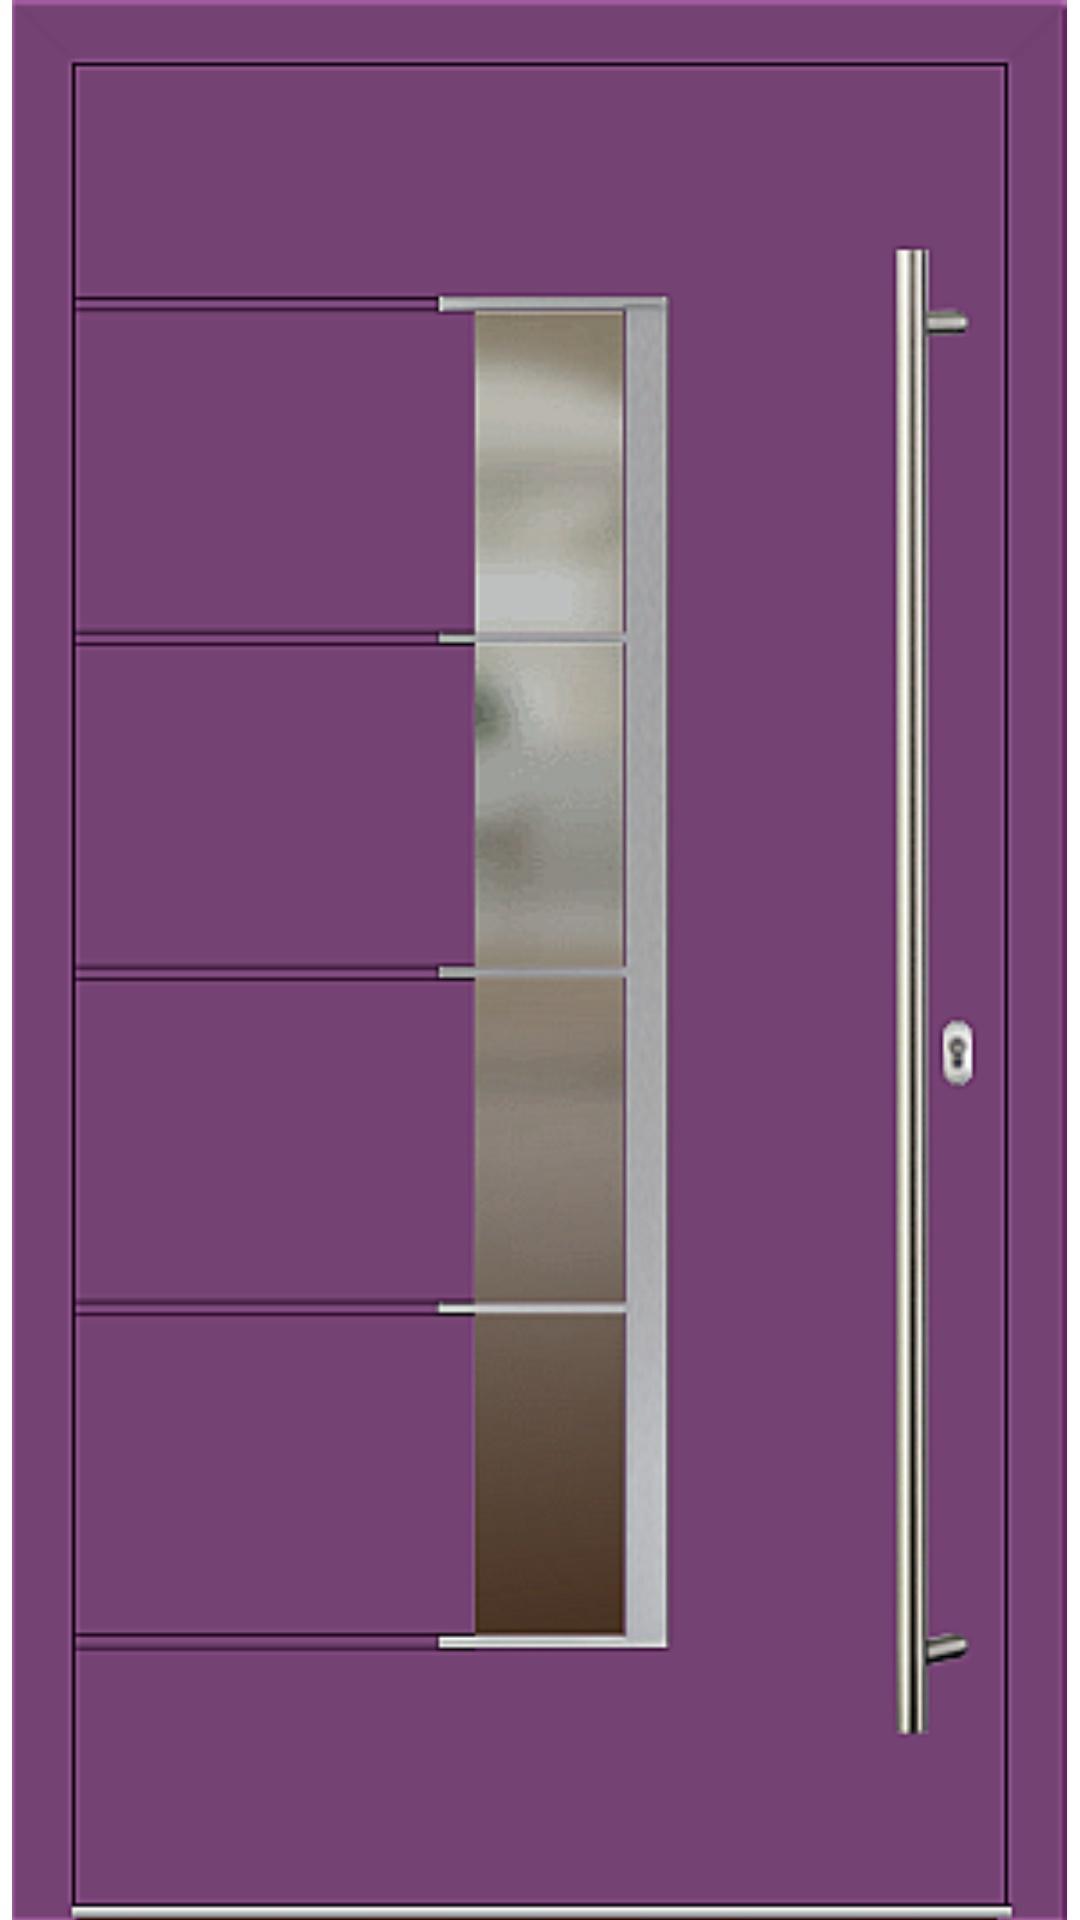 Holz-Alu Haustür Modell 62713 singalviolett